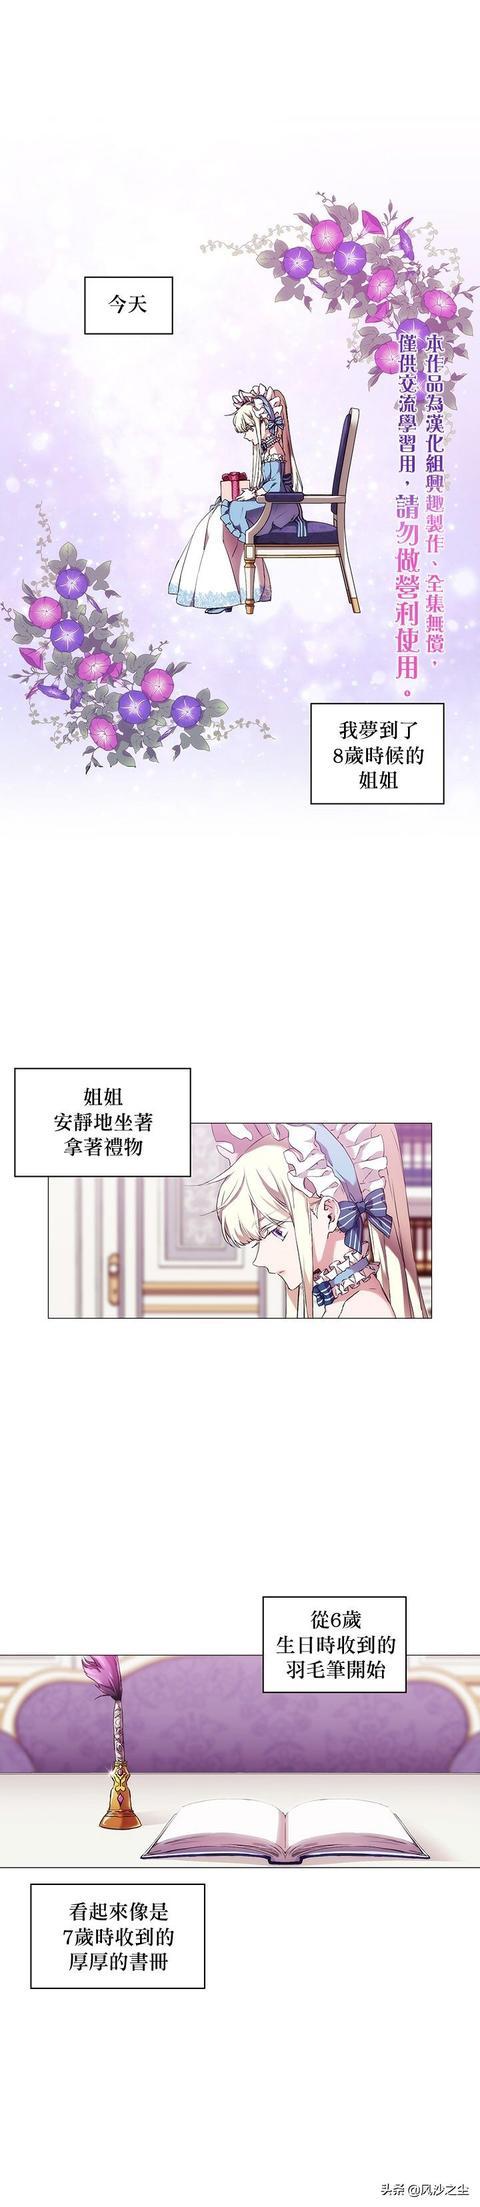 霸王爱人漫画,韩国漫画,当恶女坠入爱河(第27话)